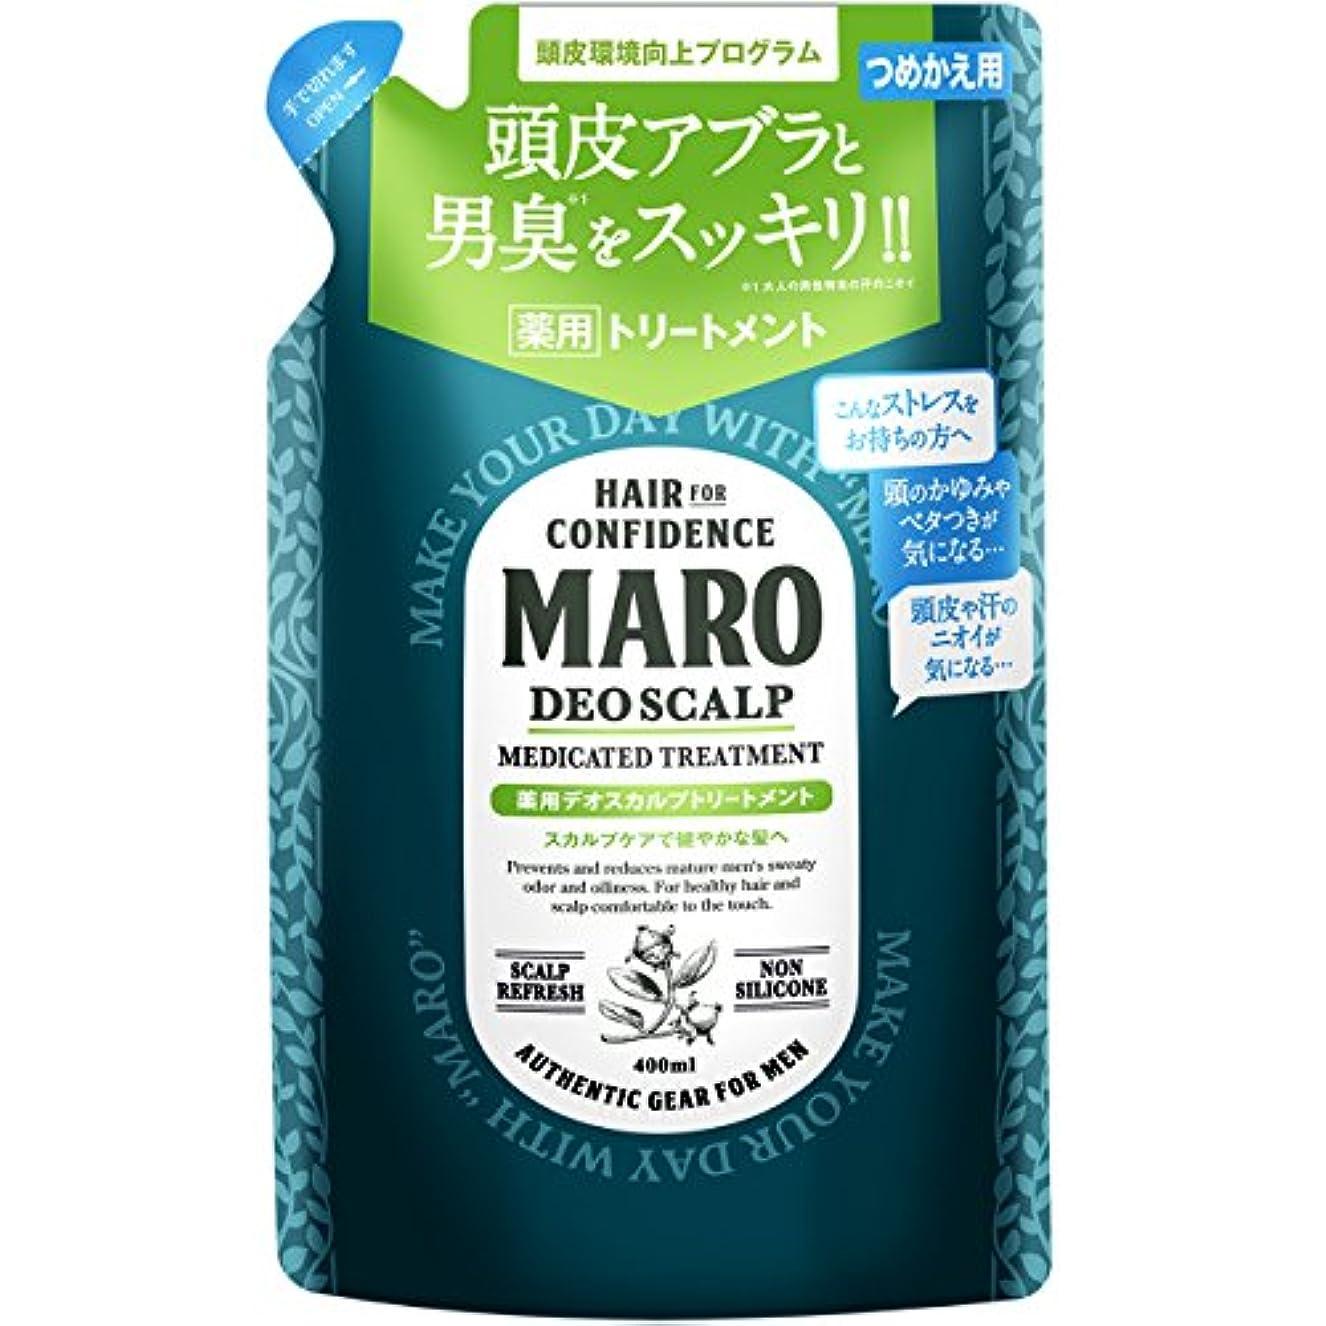 結晶フォーク明確なMARO 薬用 デオスカルプ トリートメント 詰め替え 400ml 【医薬部外品】